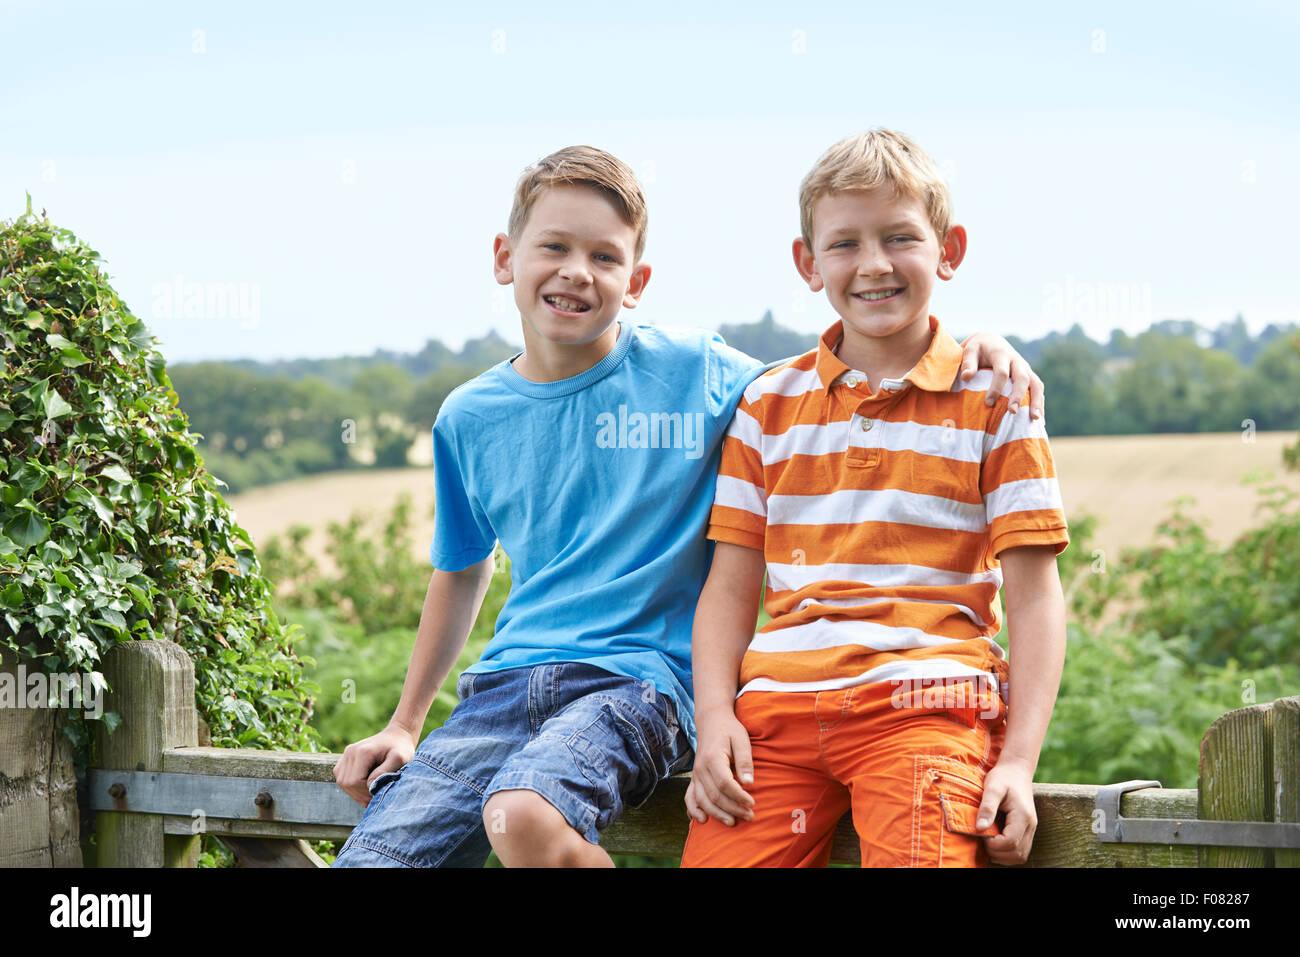 Retrato de dos muchachos sentados sobre Puerta juntos Imagen De Stock